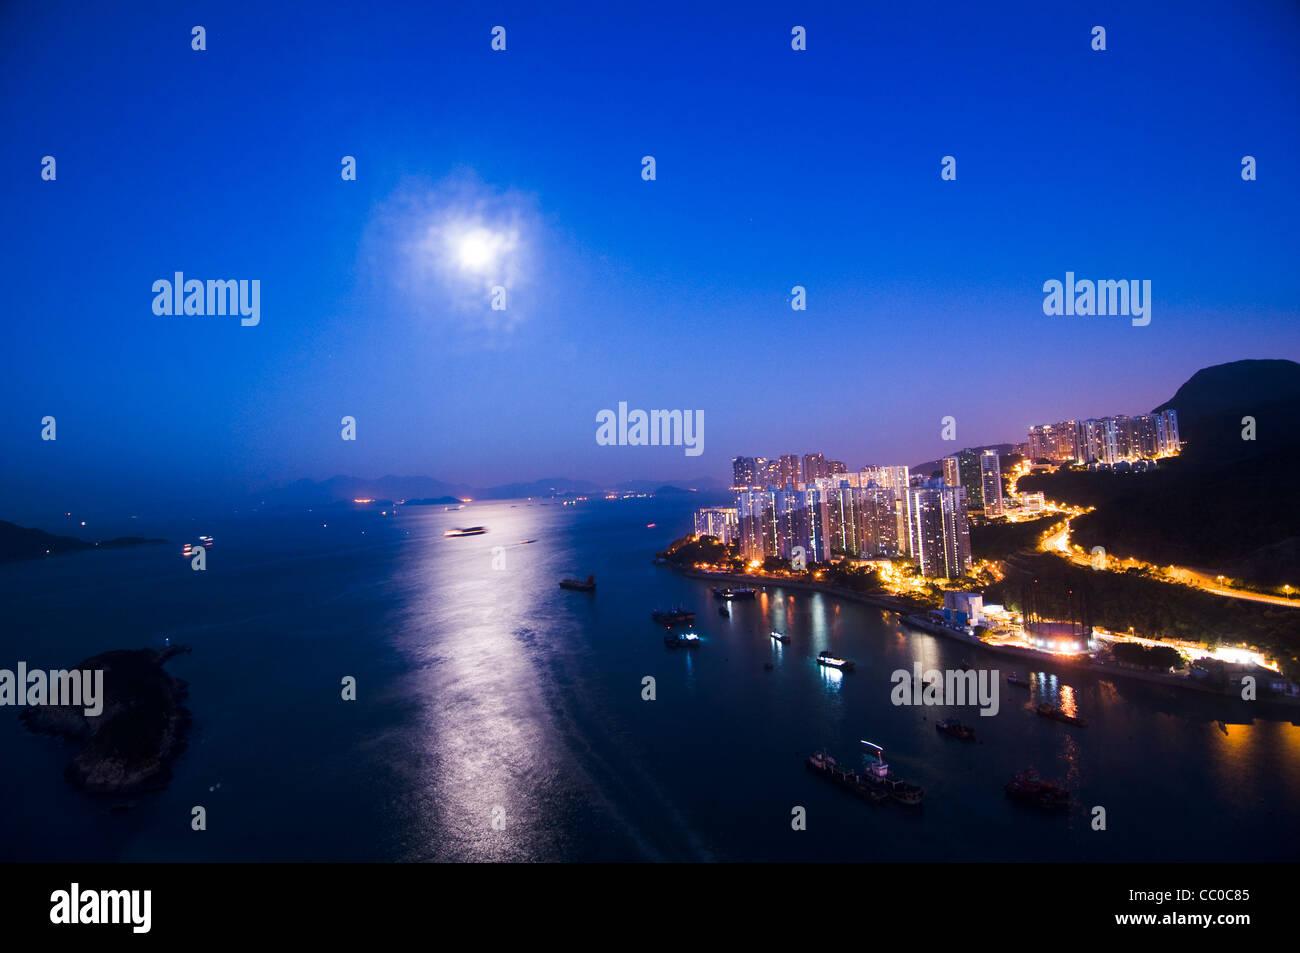 Moon shining over the South China sea in Hong Kong. - Stock Image